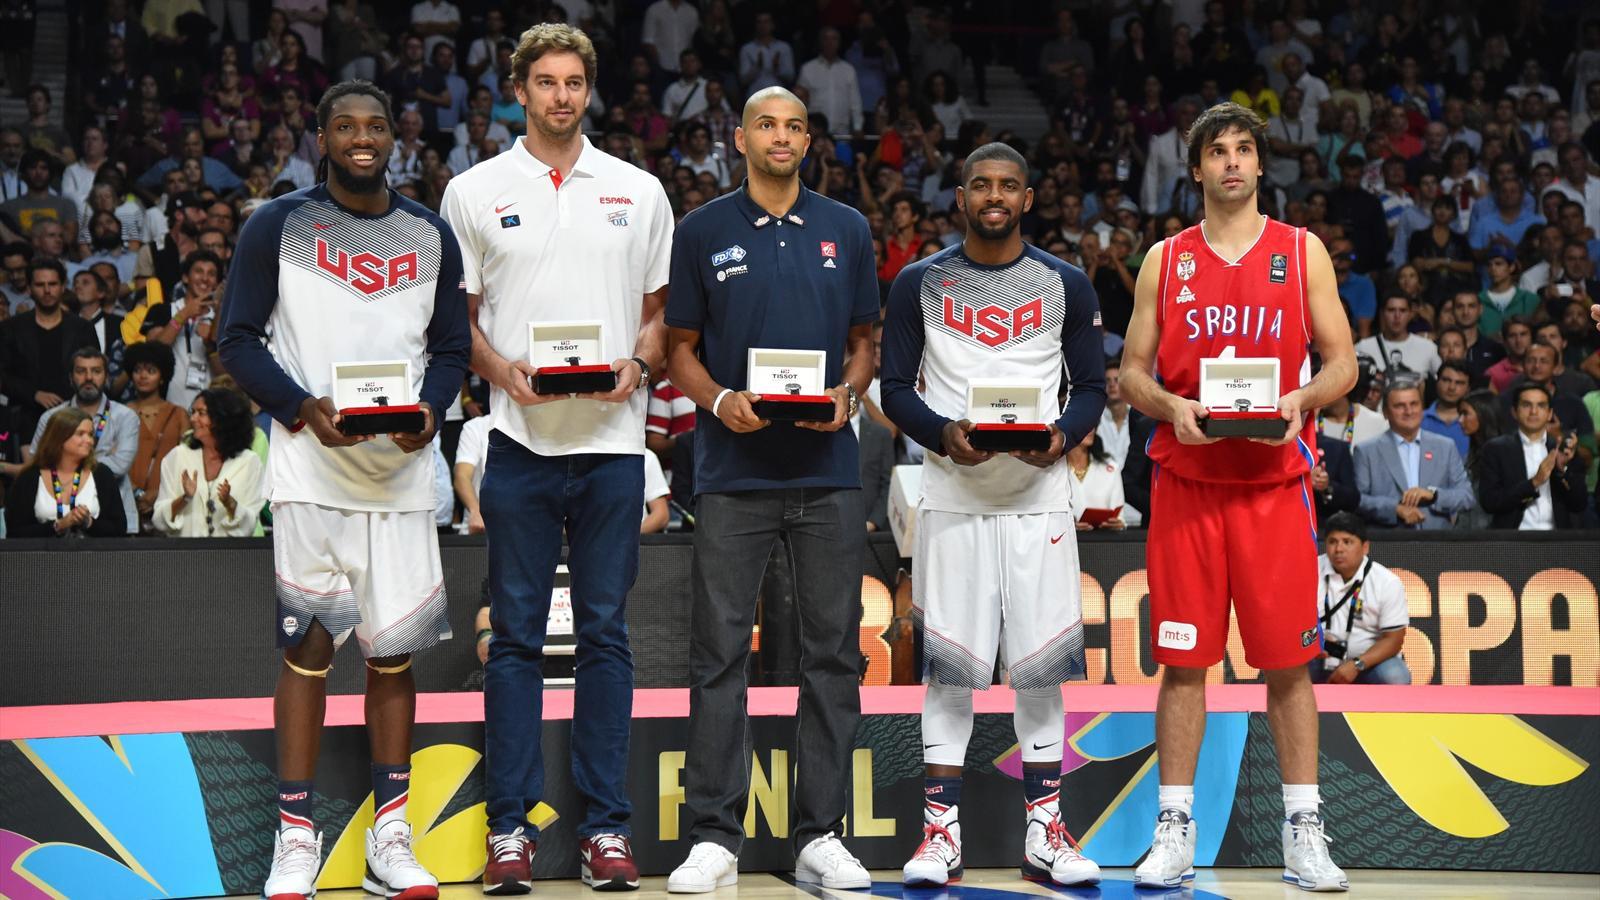 Fantastique lors des deux derniers matches batum est dans le cinq majeur du mondial coupe du - Coupe du monde de basket 2014 ...